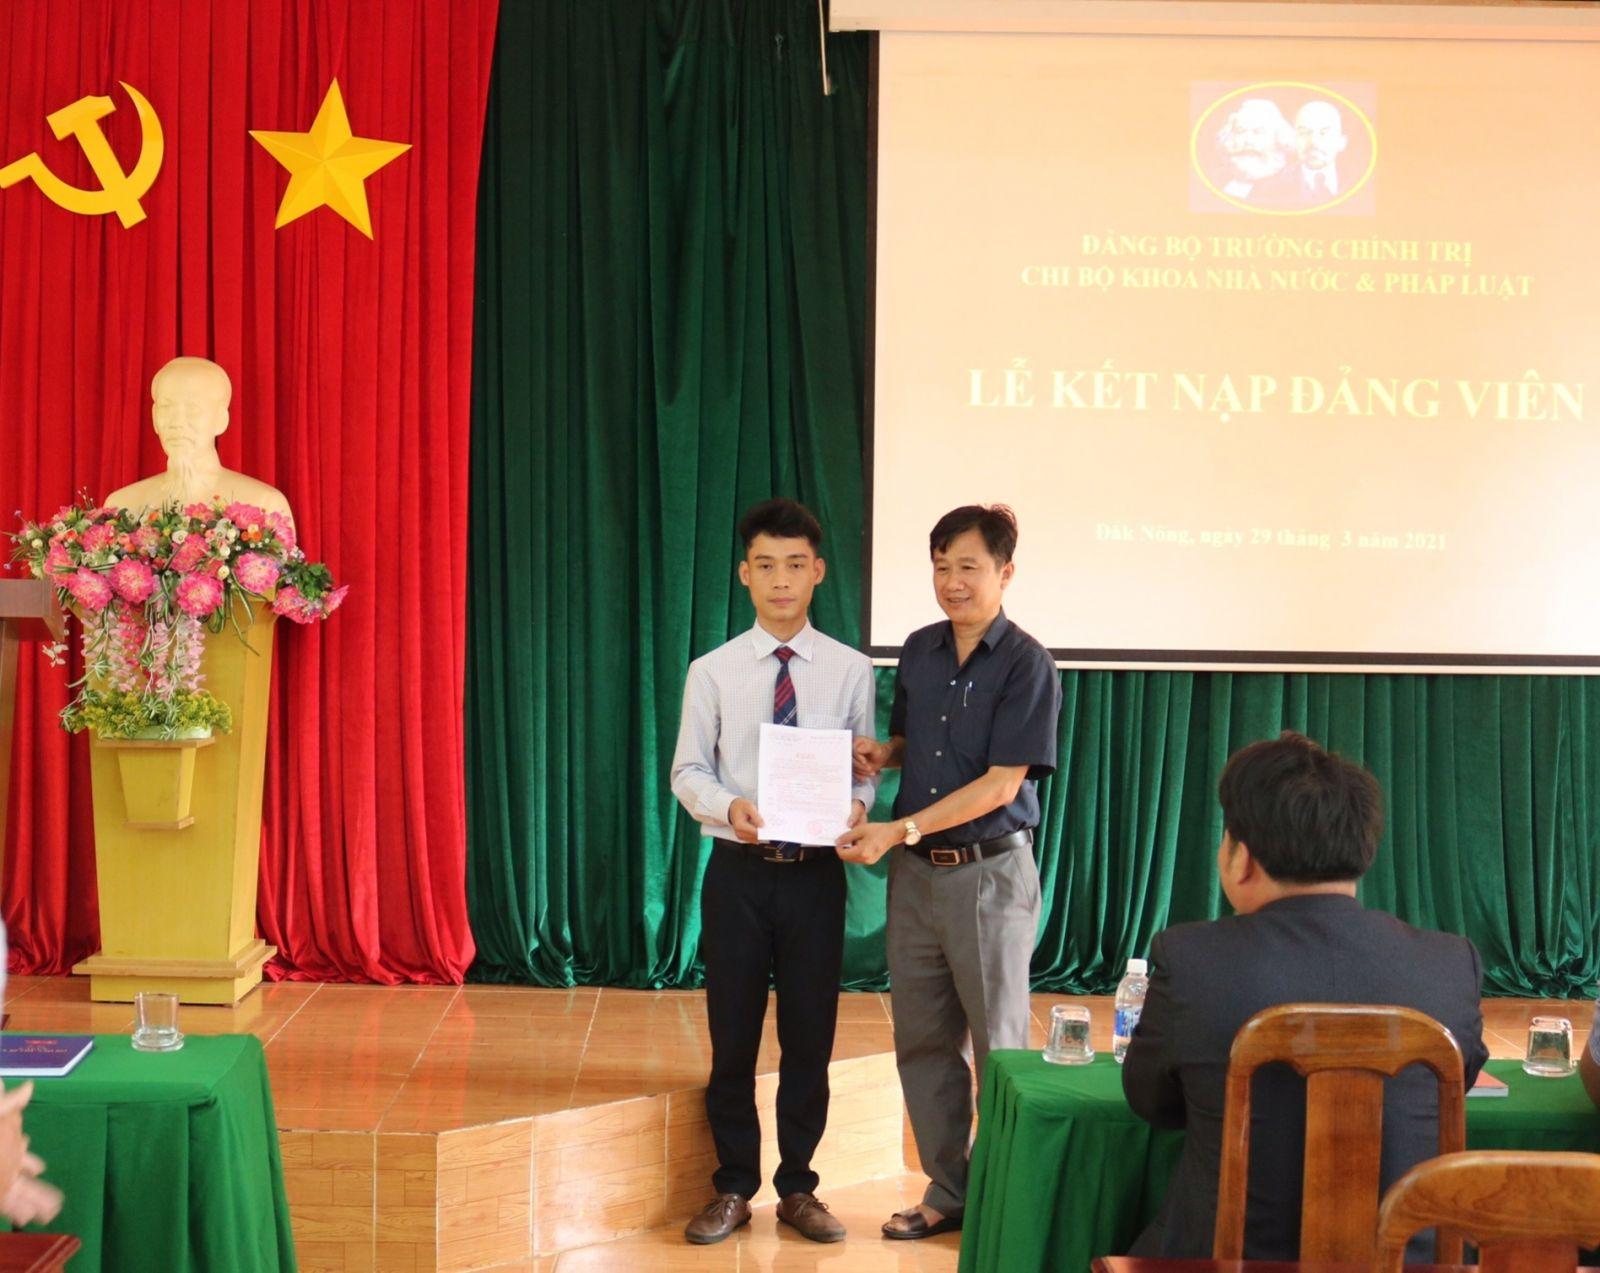 Chi bộ Khoa Nhà nước và Pháp luật, Đảng bộ Trường Chính trị tỉnh tổ chức Lễ kết nạp đảng viên